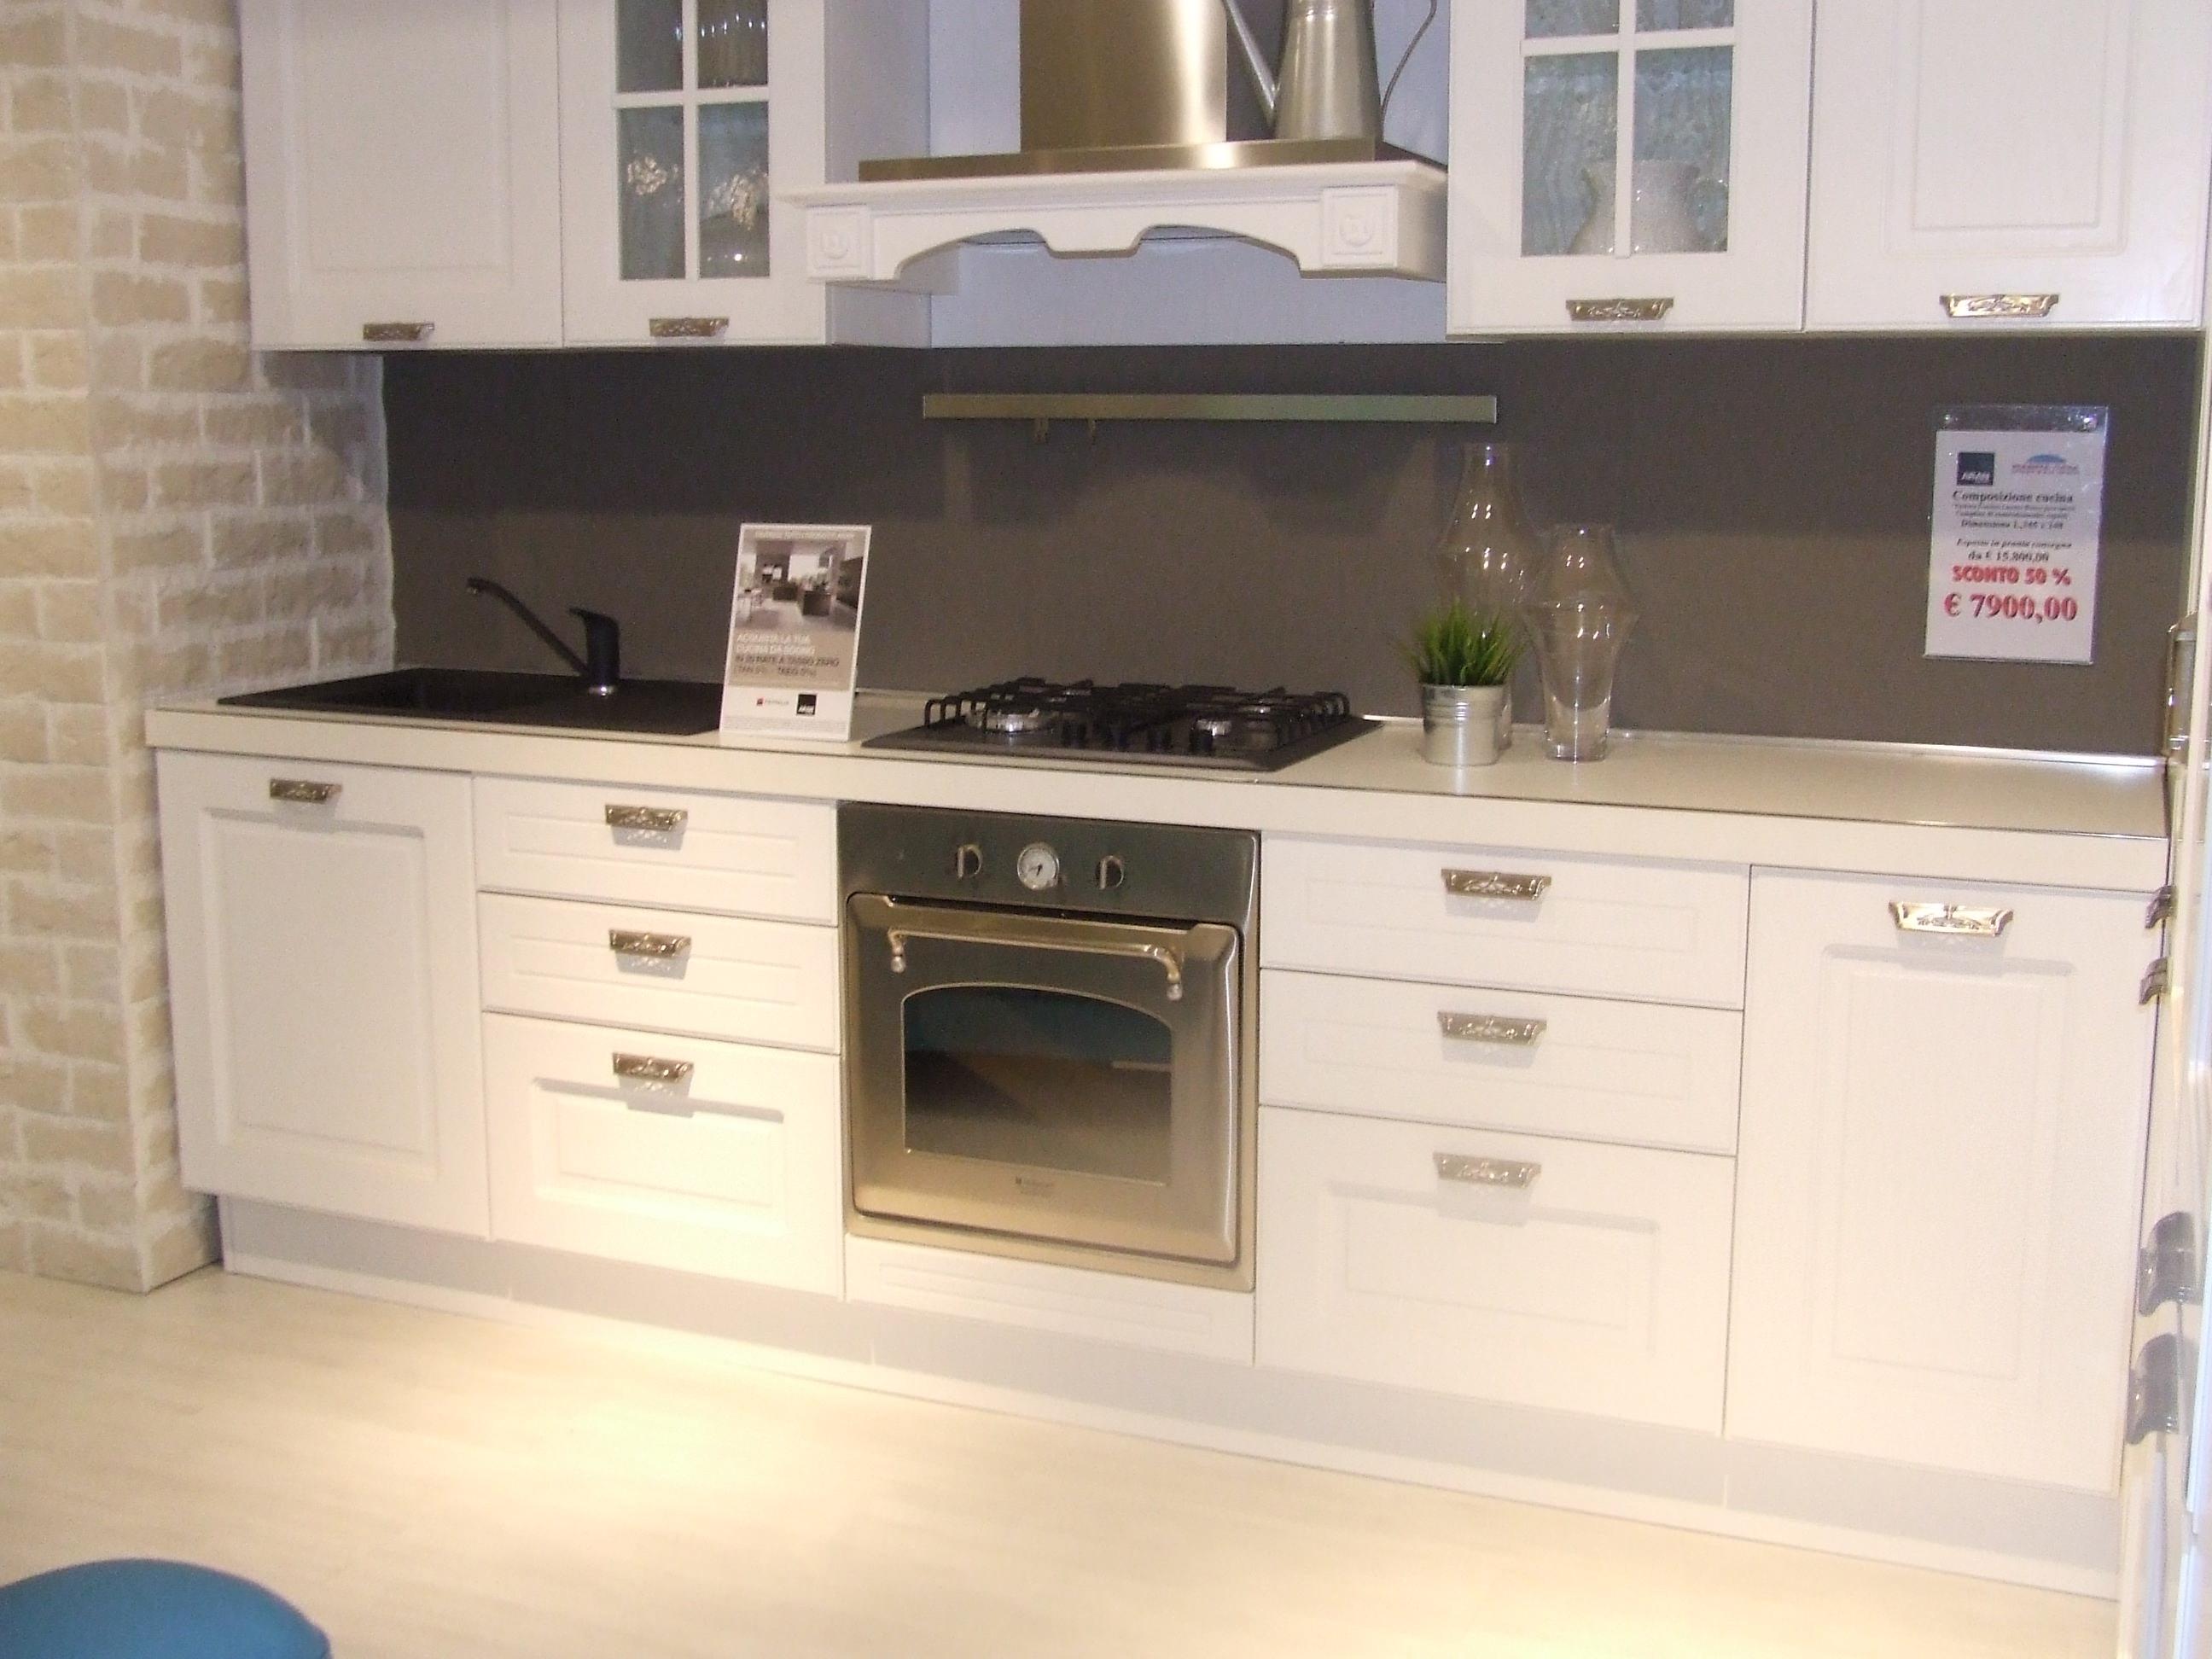 Cucine E Cucine Vimercate. A Casa Di Luca Cucina In Stile In Stile ...